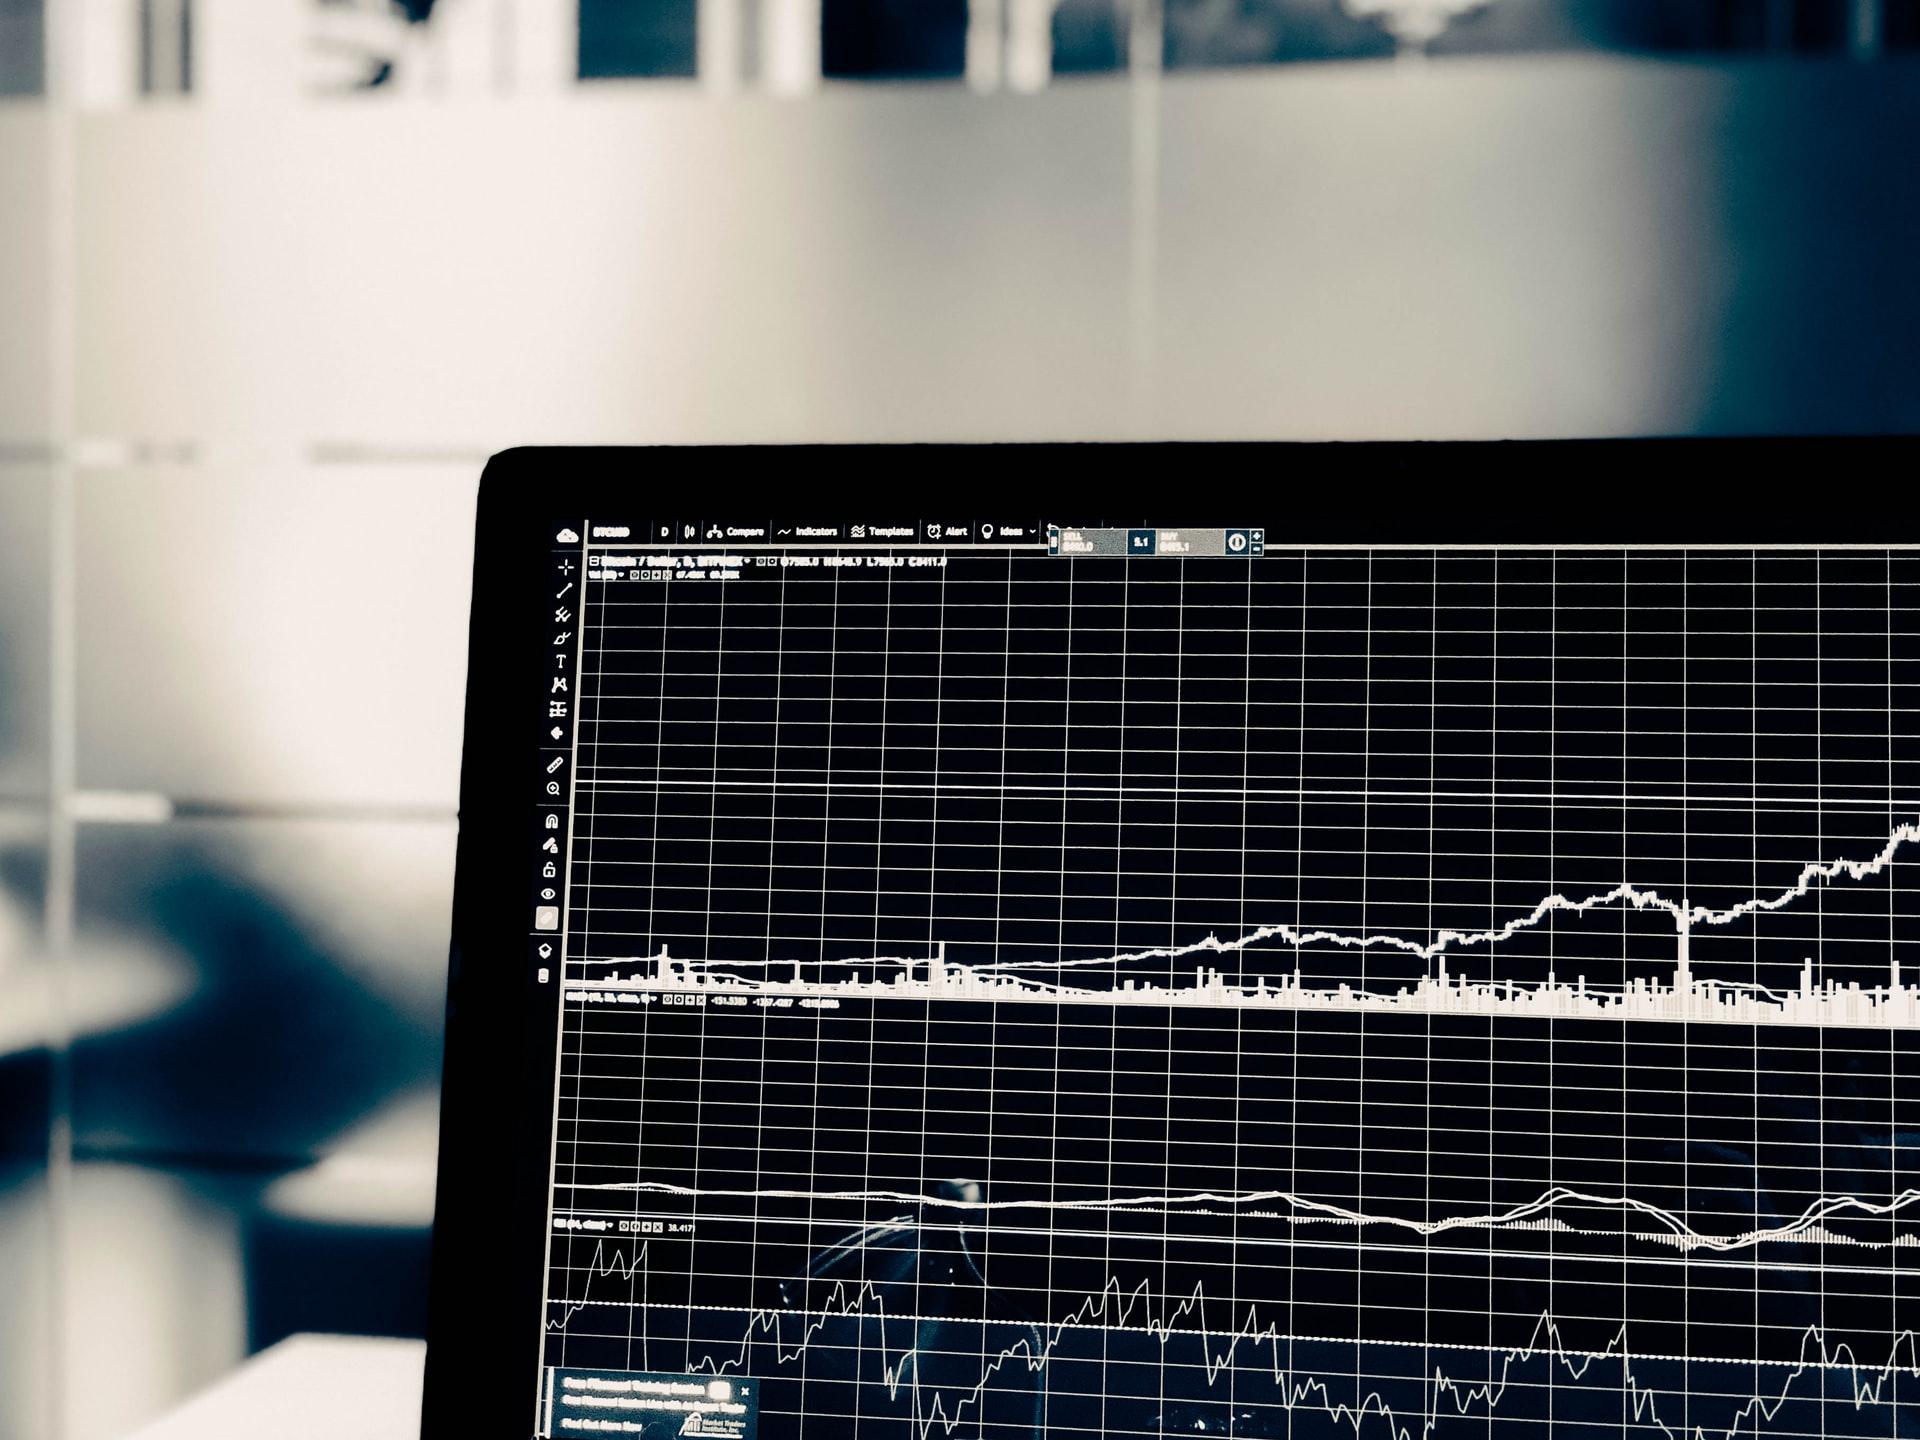 Vil du ind på det amerikanske aktiemarked?